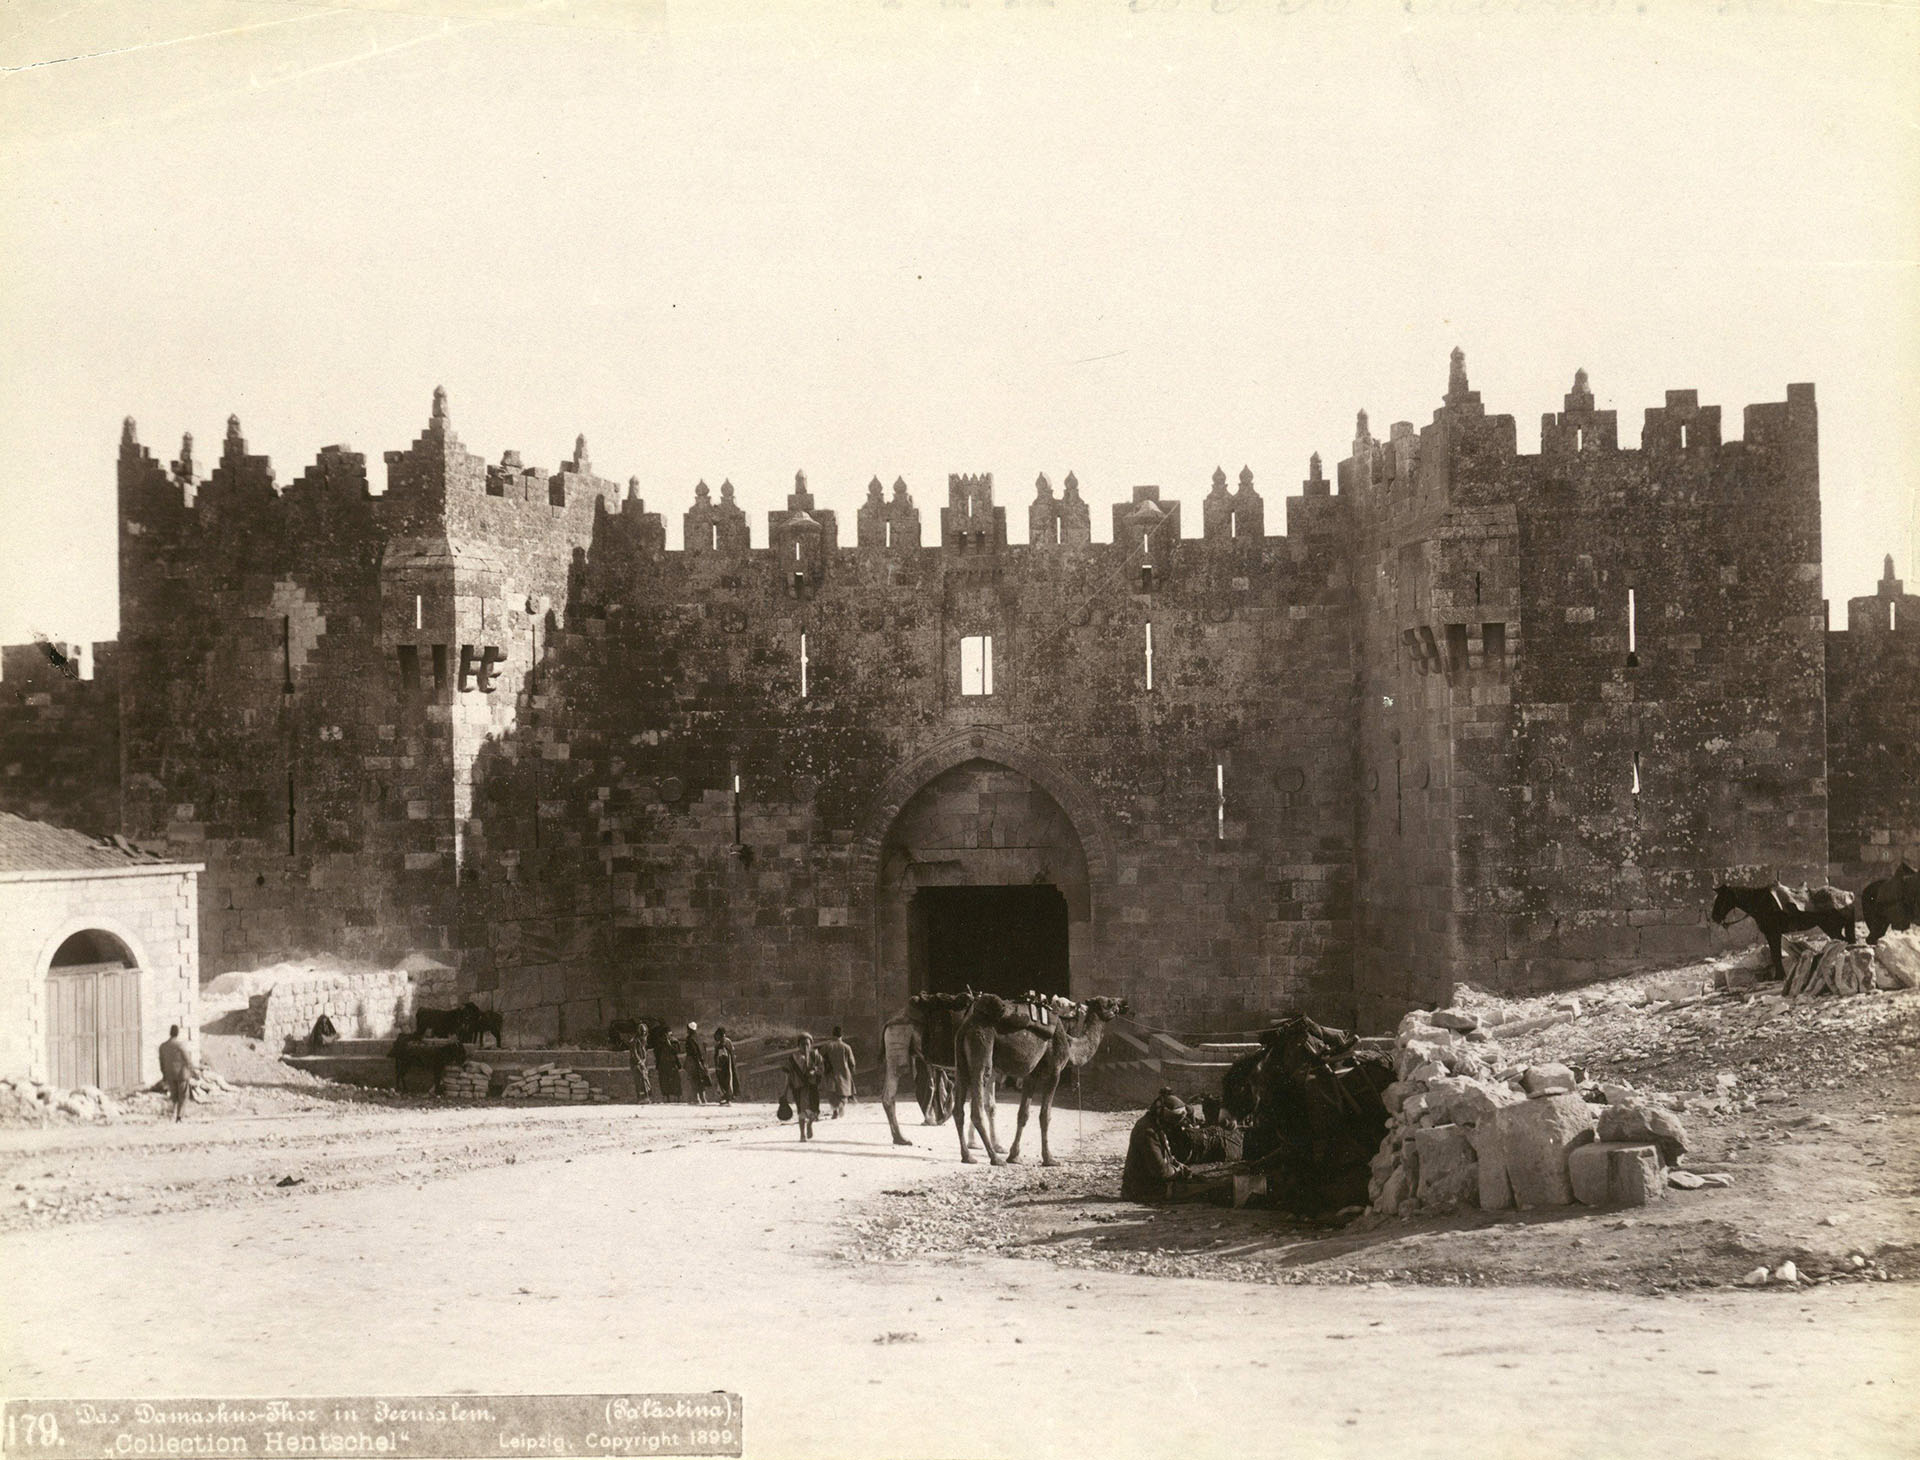 La puerta de Damasco, una de las principales entradas a la Ciudad Vieja de Jerusalén. Fotografía tomada en 1899. EFE/Bruno Hentschel